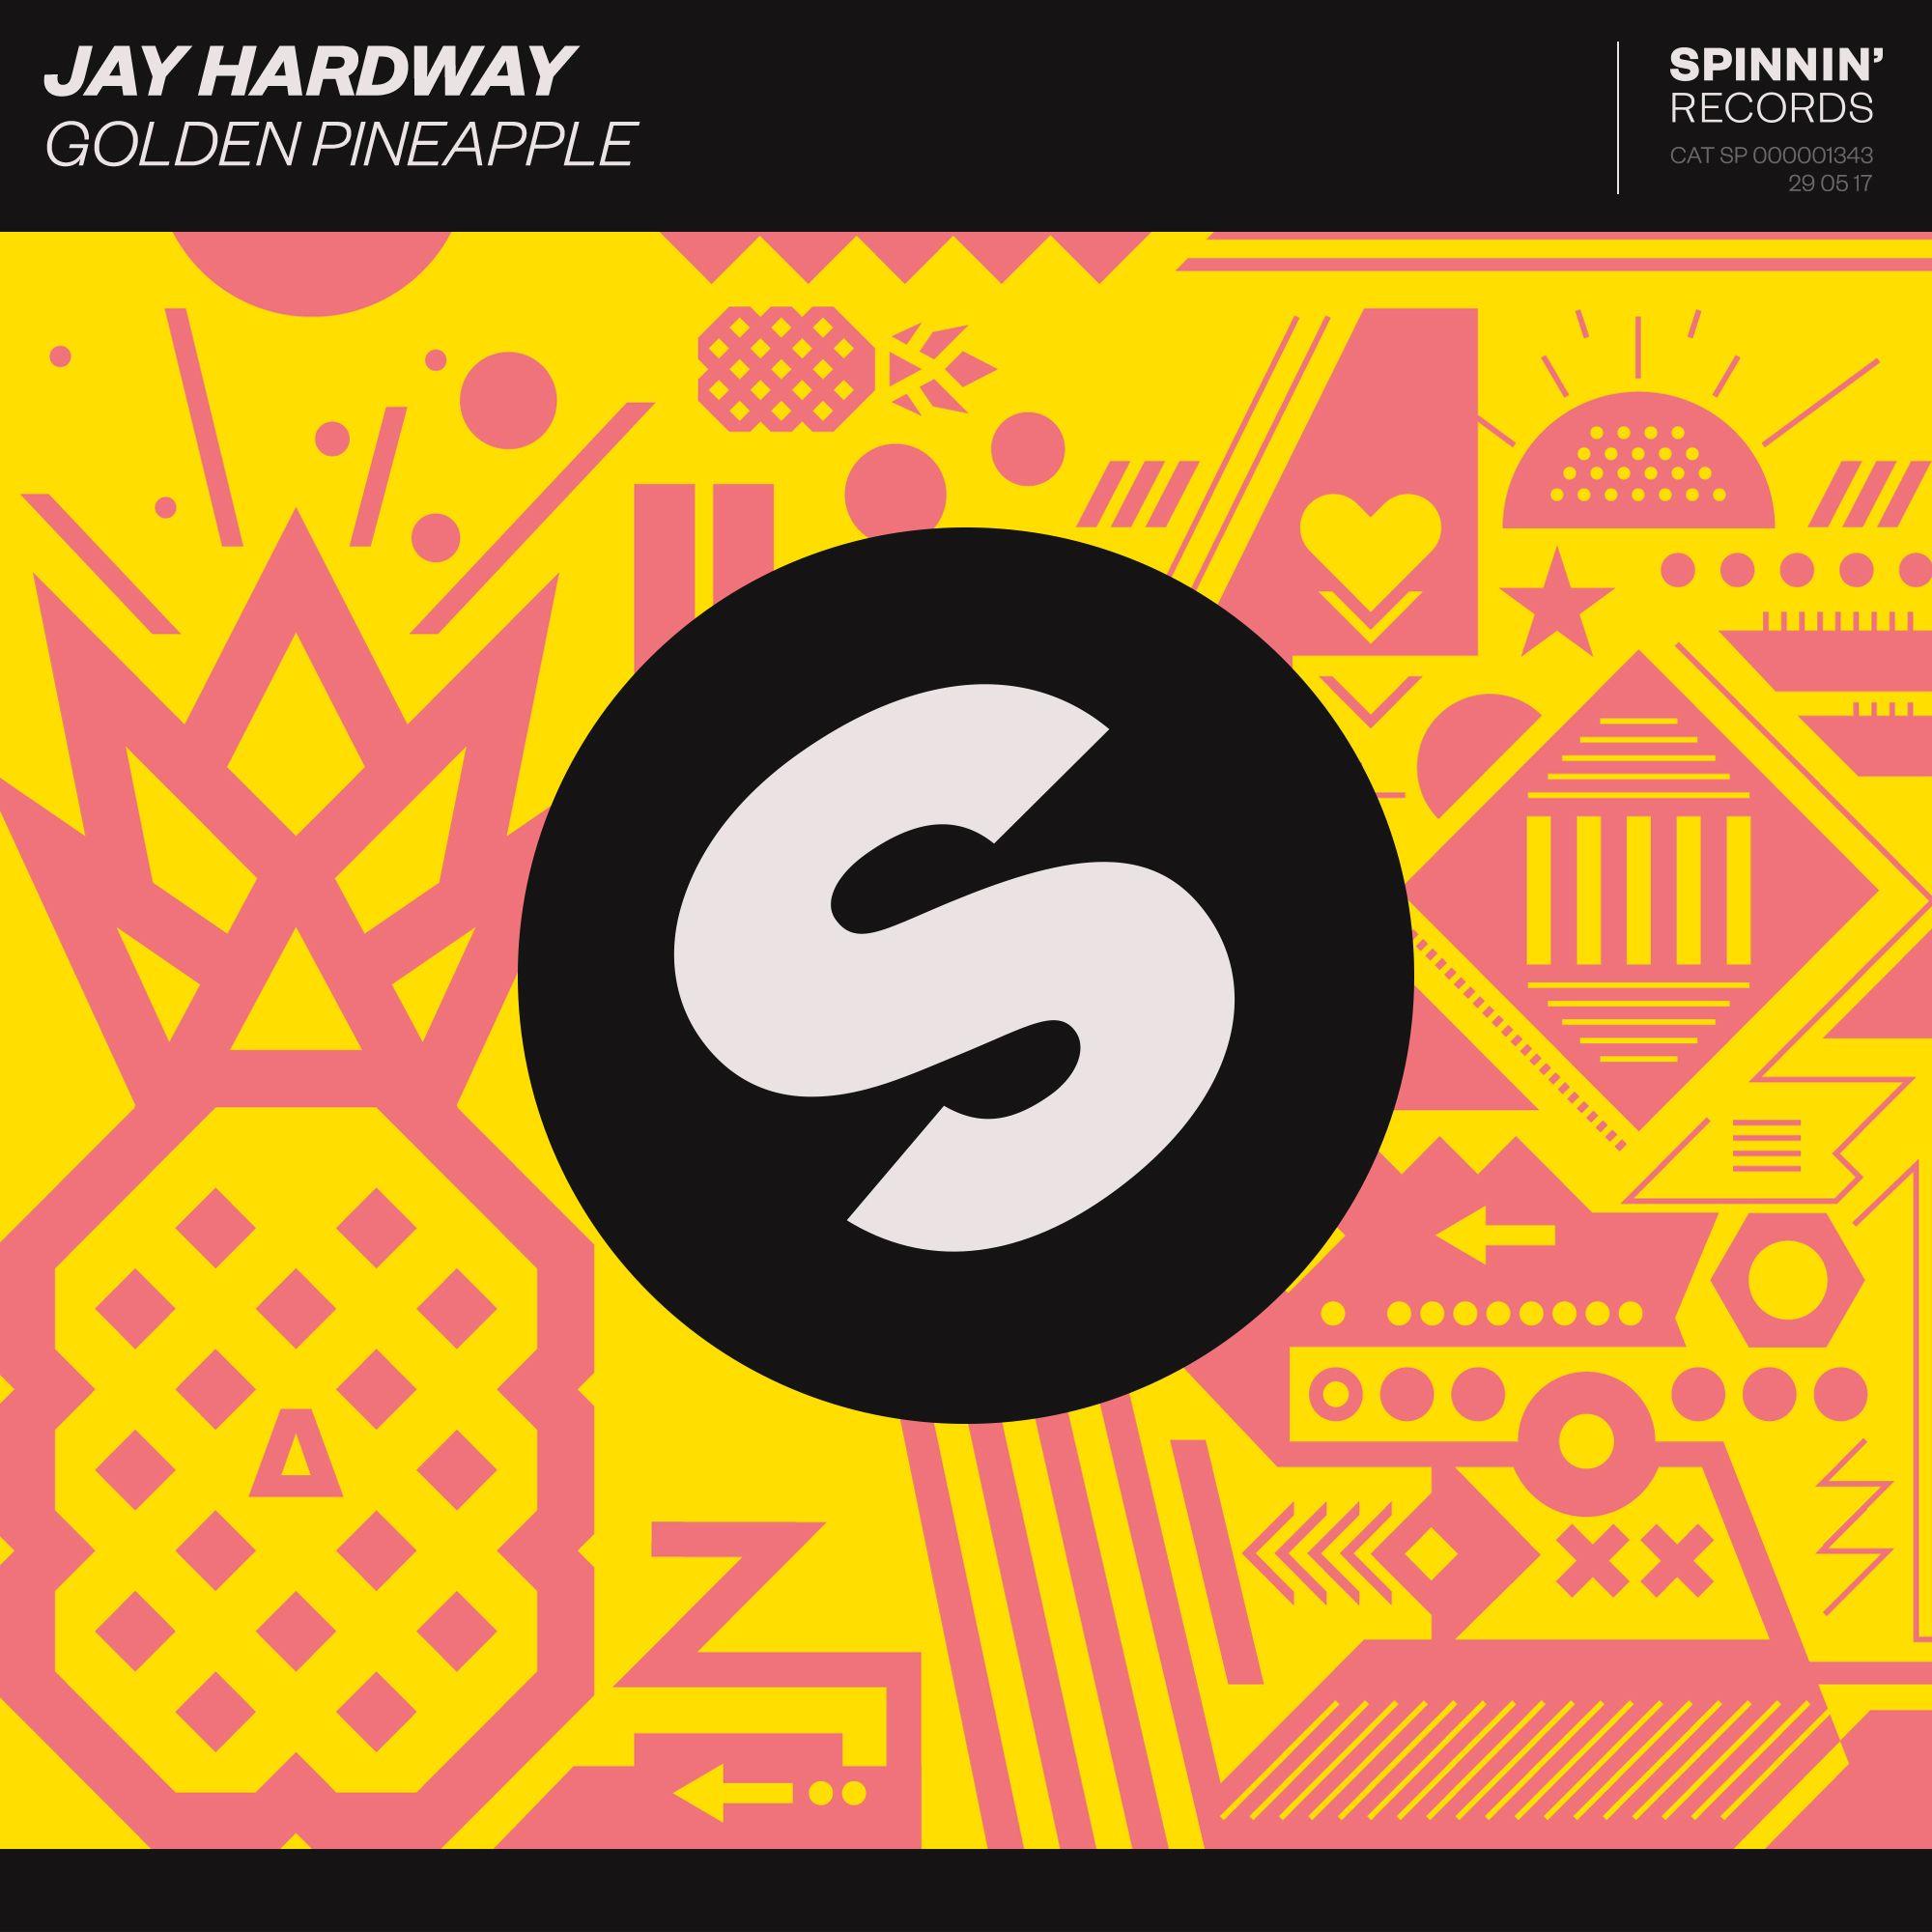 jay_hardway_-_golden_pineapple.jpg